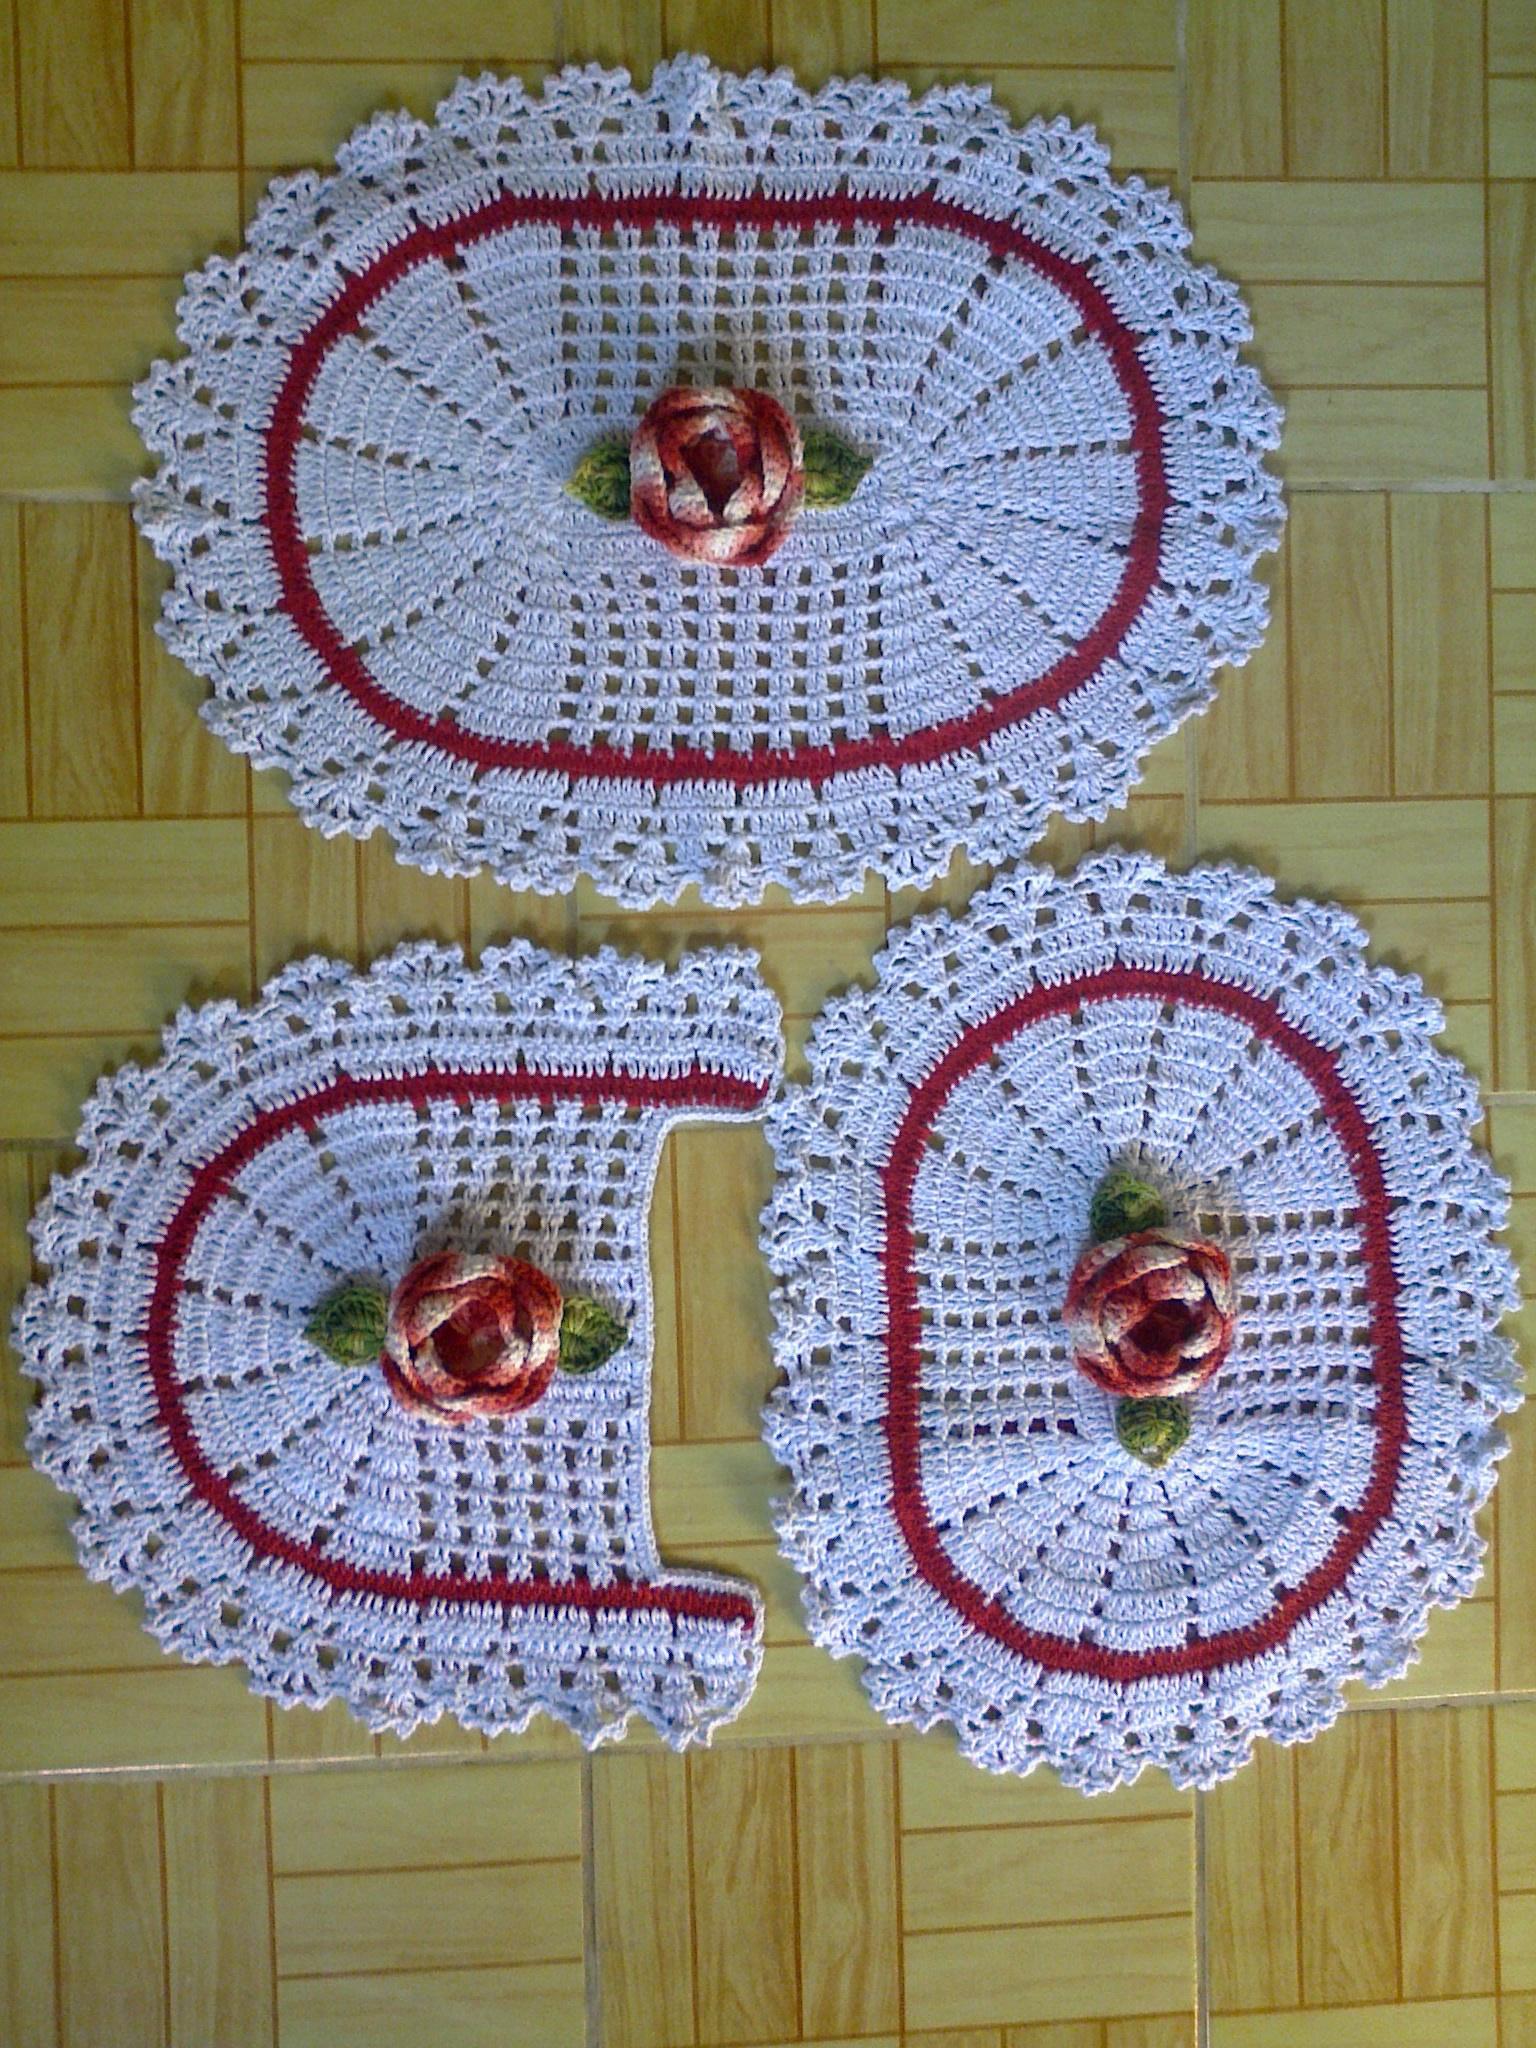 Jogo de Banheiro em Crochê com Flores  Mania de Crochê Artesanato  Elo7 -> Jogo De Banheiro Simples Oval Passo A Passo